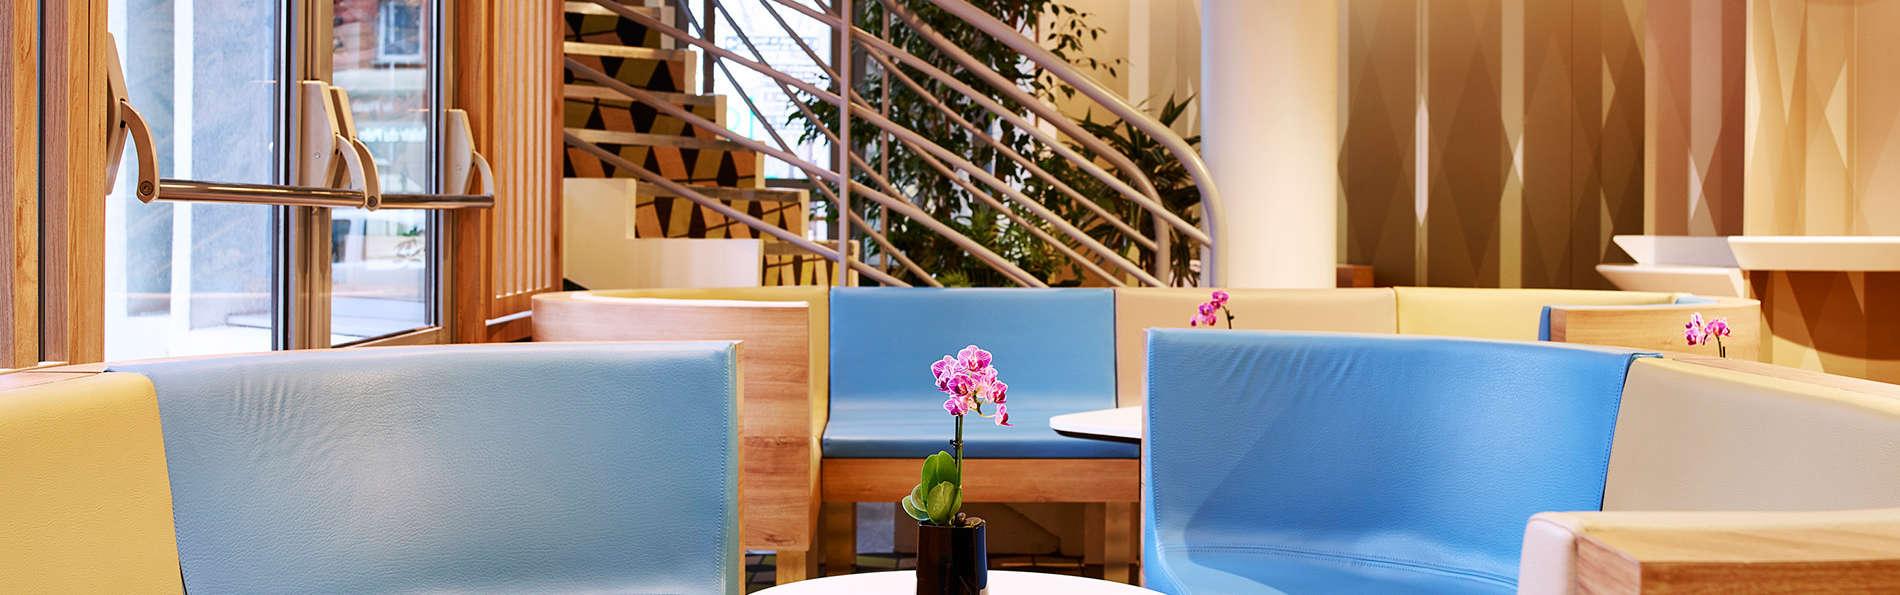 Hotel median paris porte de versailles 3 paris france - Hotel median paris porte de versailles ...